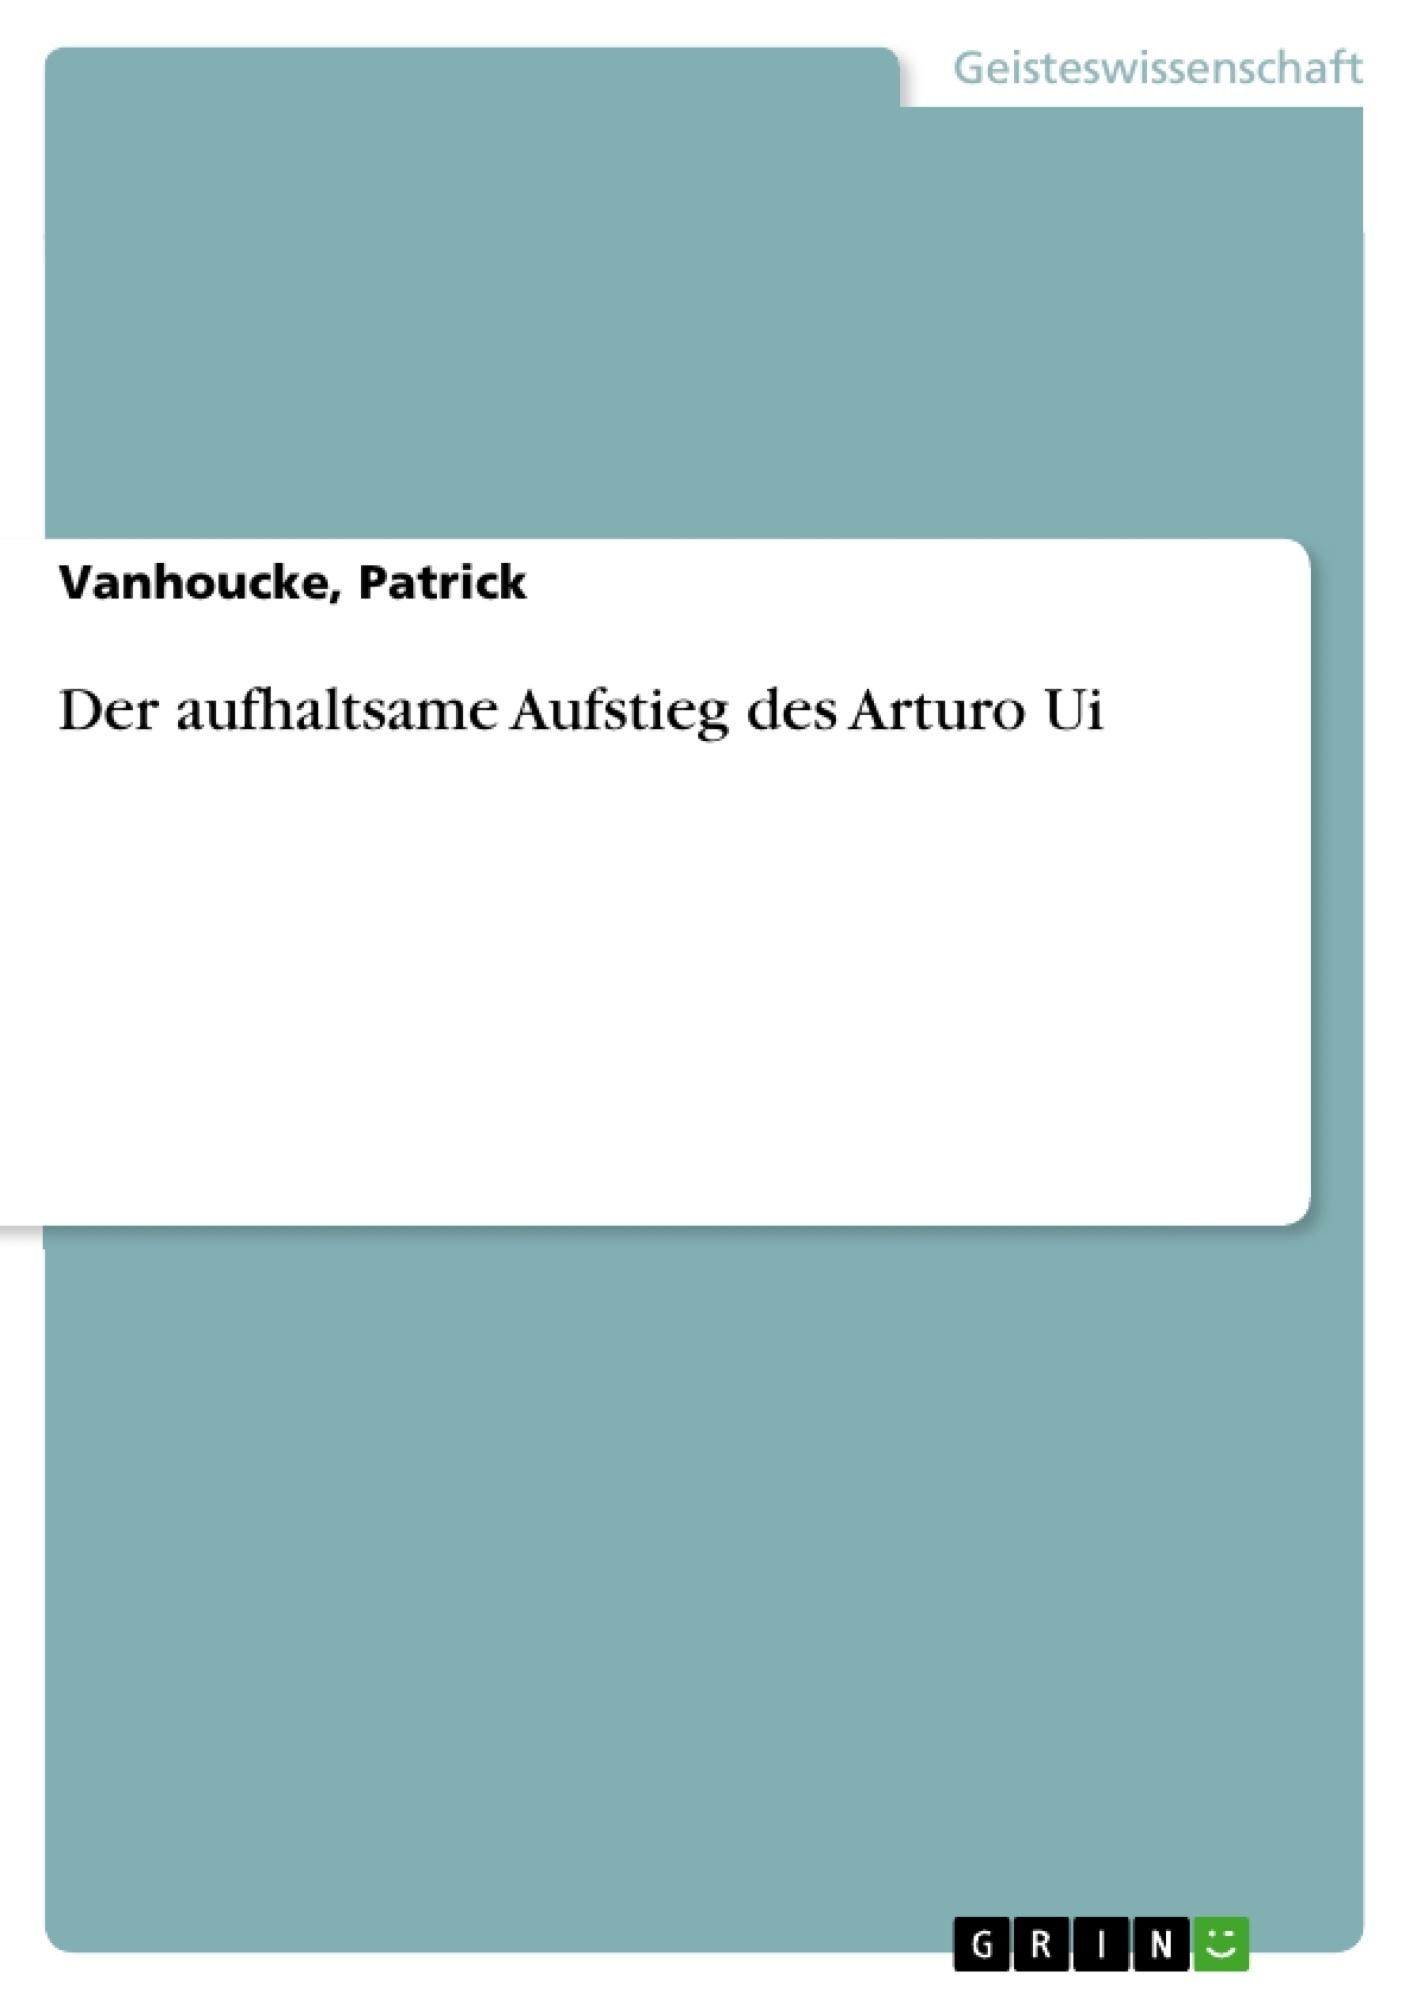 Titel: Der aufhaltsame Aufstieg des Arturo Ui